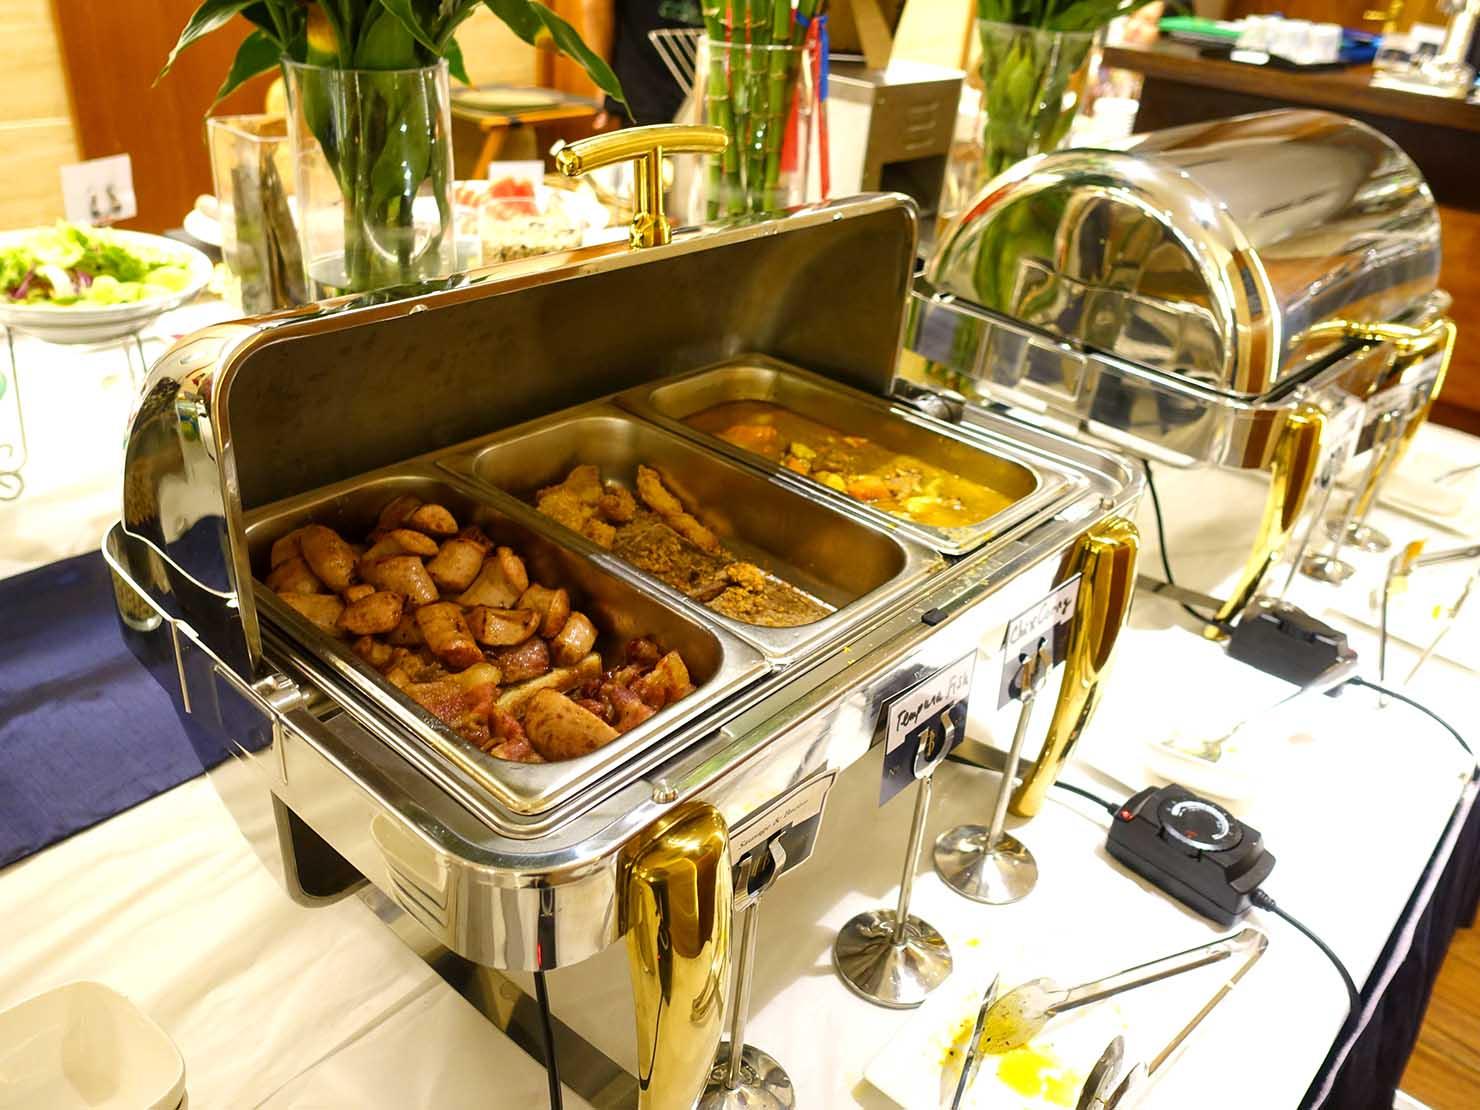 ハノイ旧市街ど真ん中の観光に便利なおすすめホテル「Hai Bay Hotel」2Fレストランの洋食ビュッフェに並ぶ料理